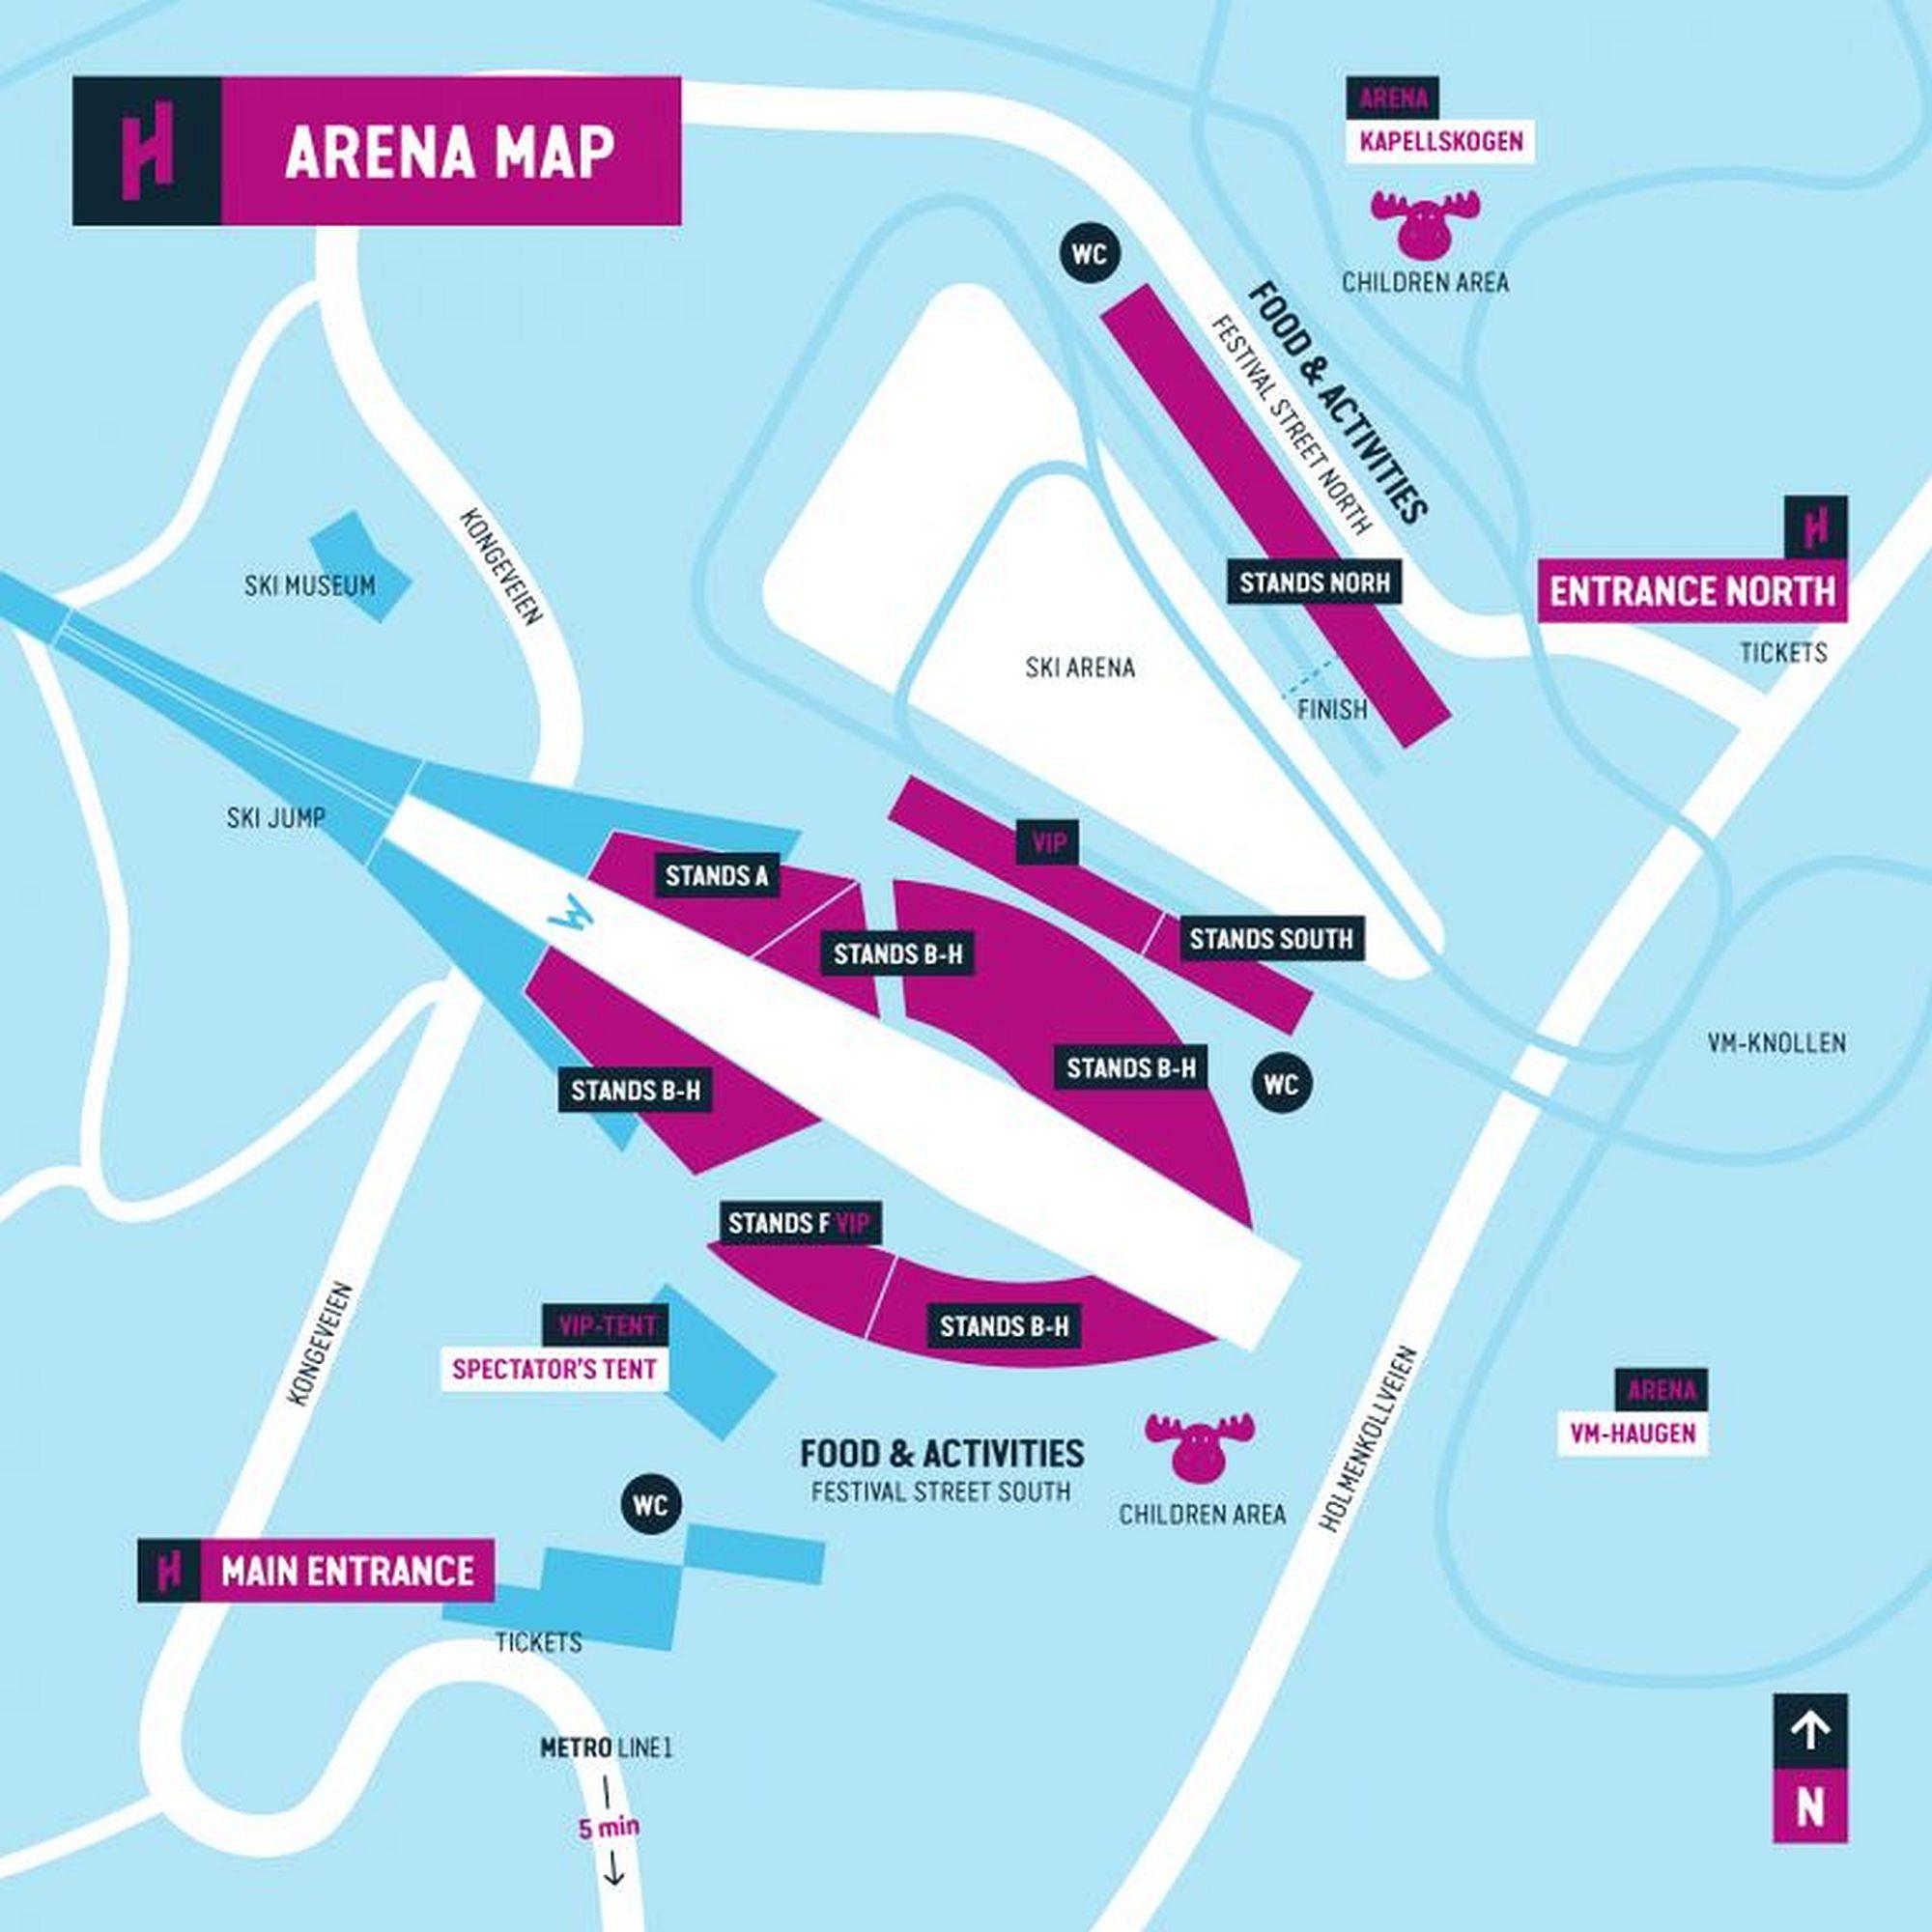 Arena Plan Holmenkollen Skifestival